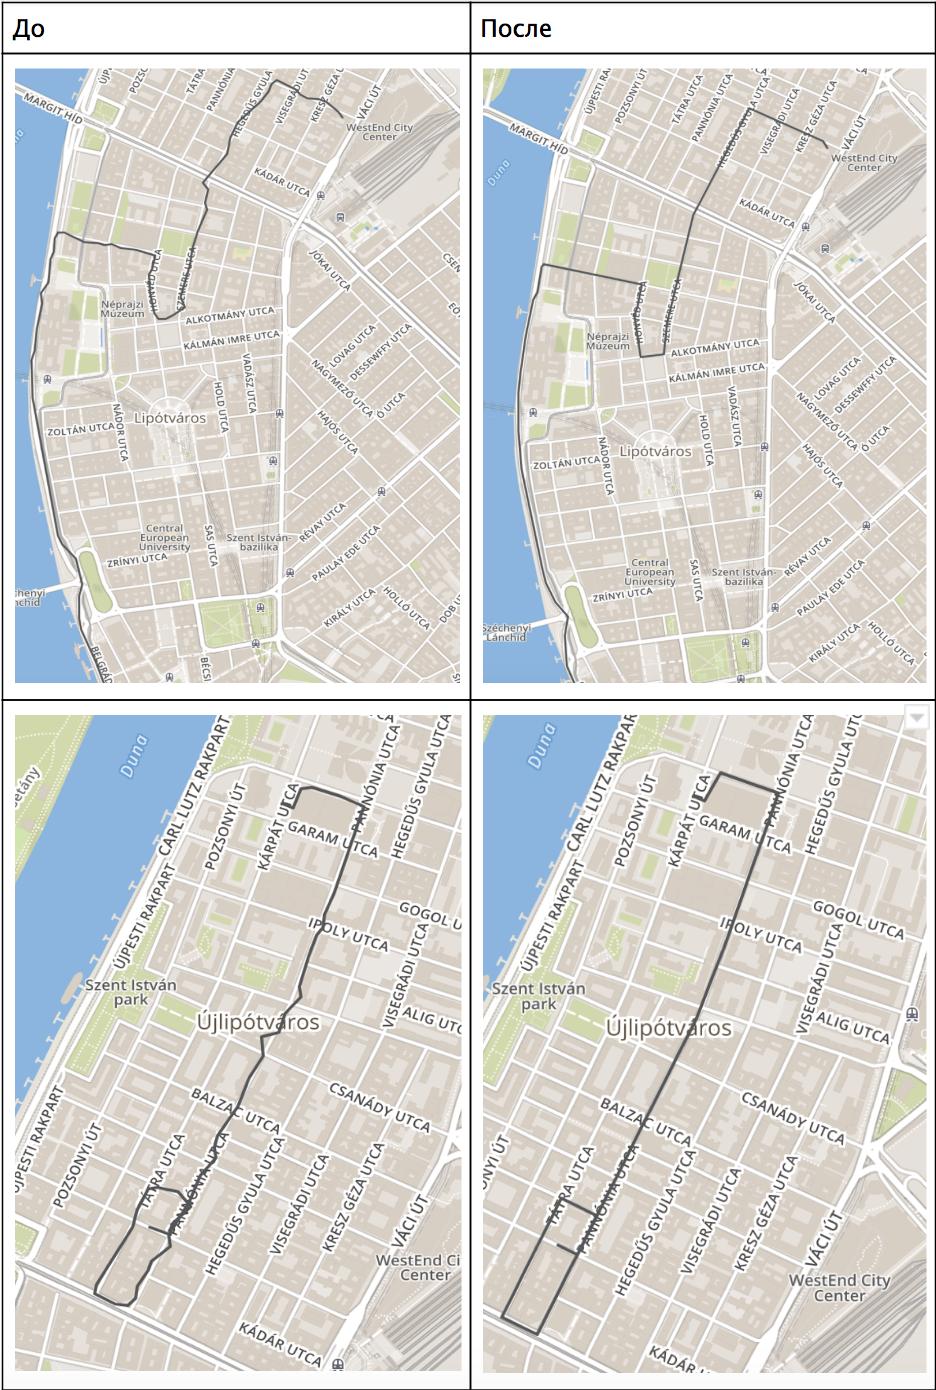 Map matching и обработка сырых данных GPS в промышленных масштабах - 8